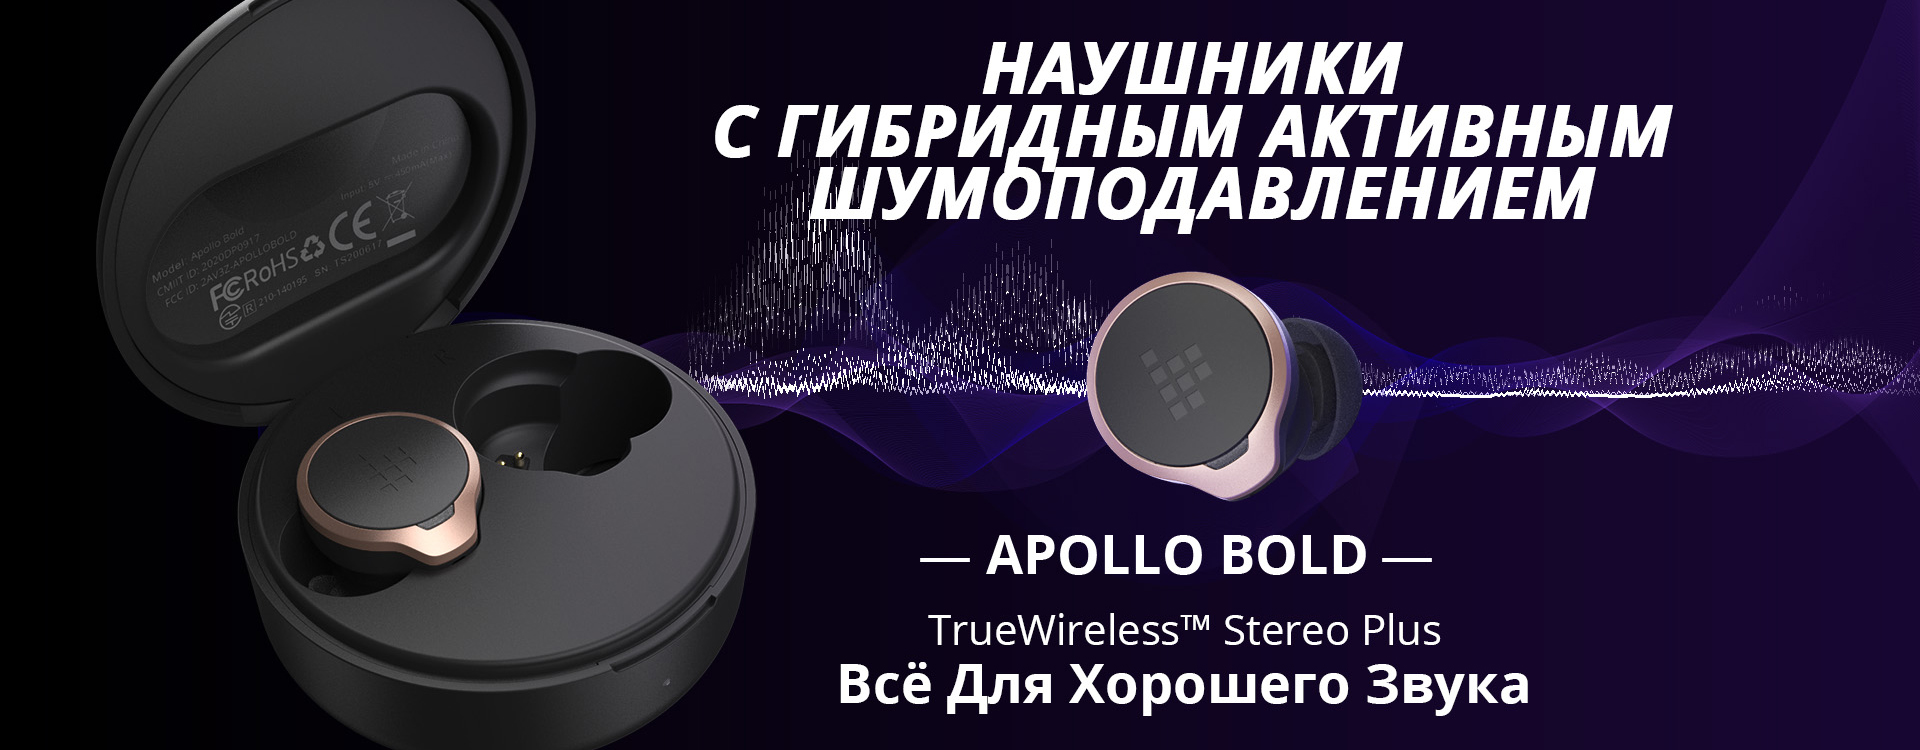 Apollo Bold